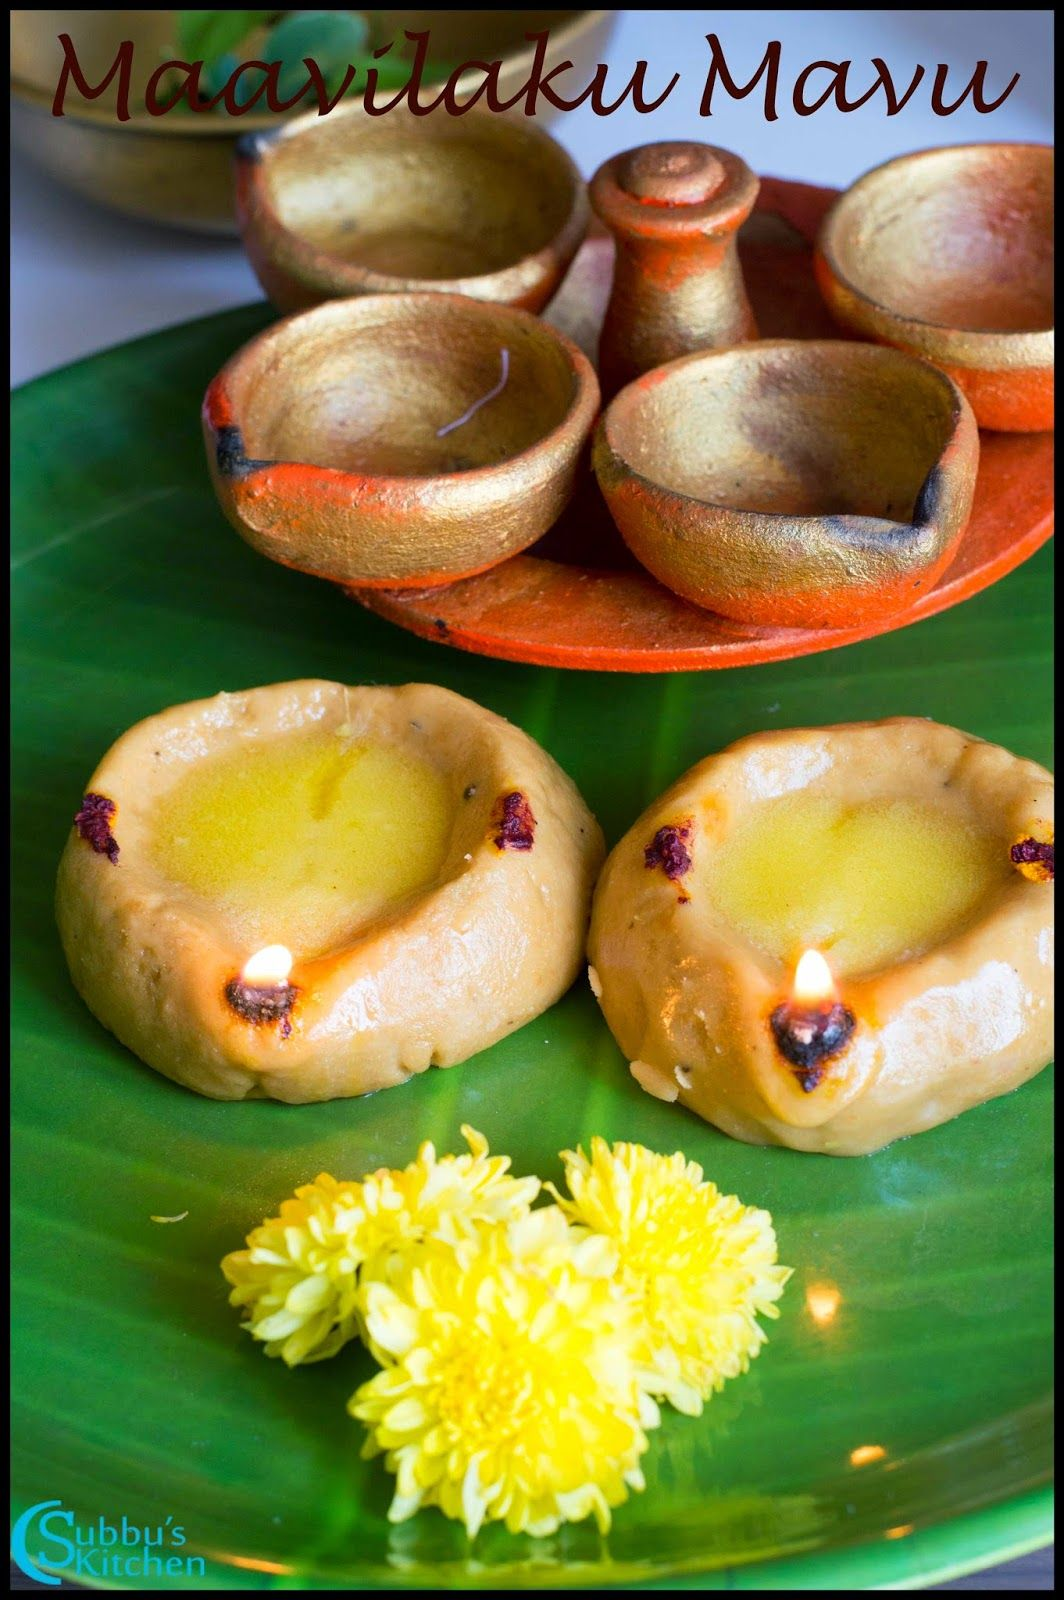 Maavilaku Mavu Recipe | Maa Vilakku Mavu Recipe | Karthigai Deepam ... for Karthigai Deepam Recipes  10lpwja